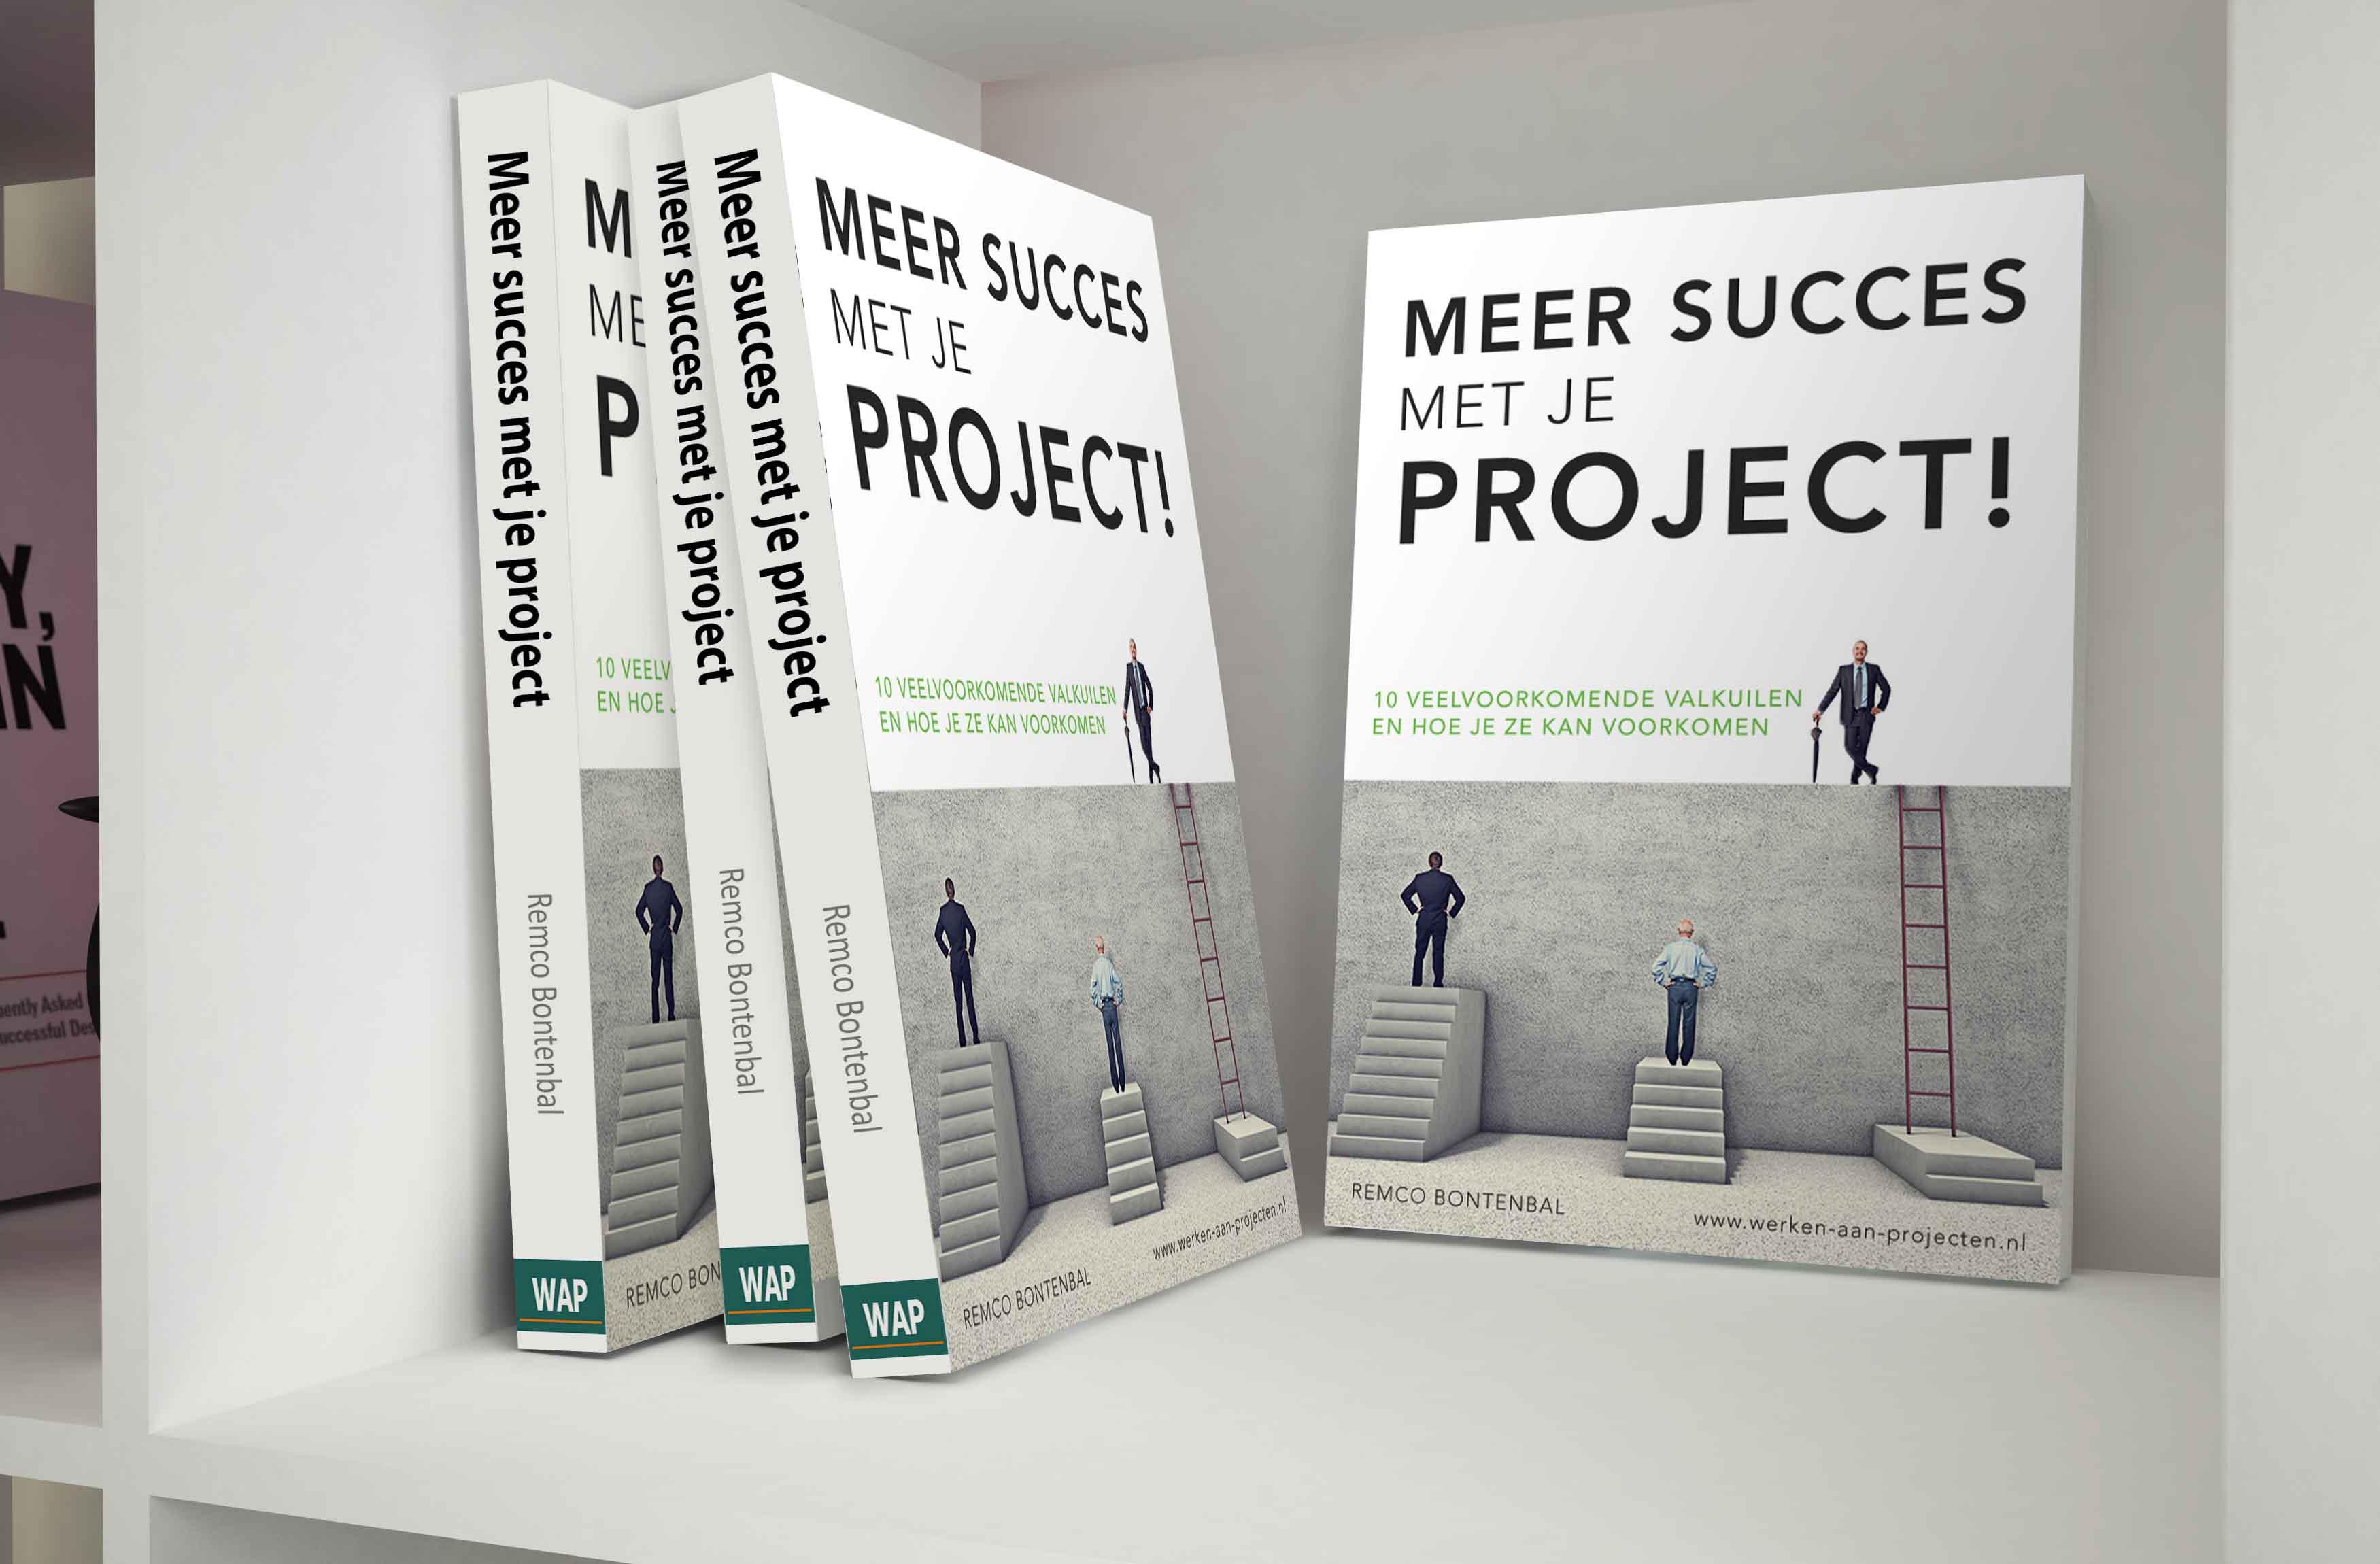 meer succes met je project